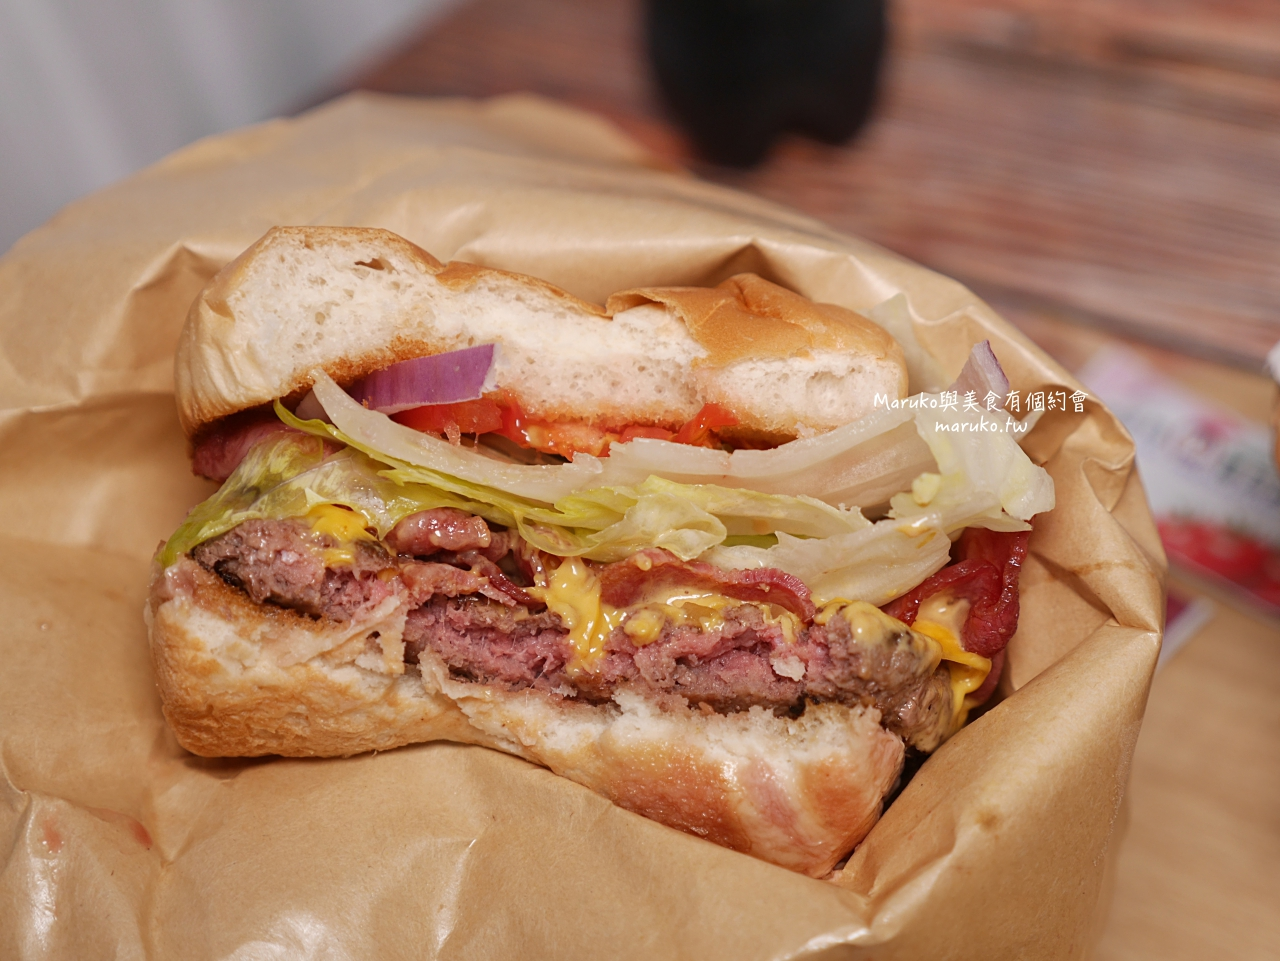 【台北】水牛城美式炭烤牛排餐廳 服務超好附餐有水準的大分量牛排餐廳 @Maruko與美食有個約會